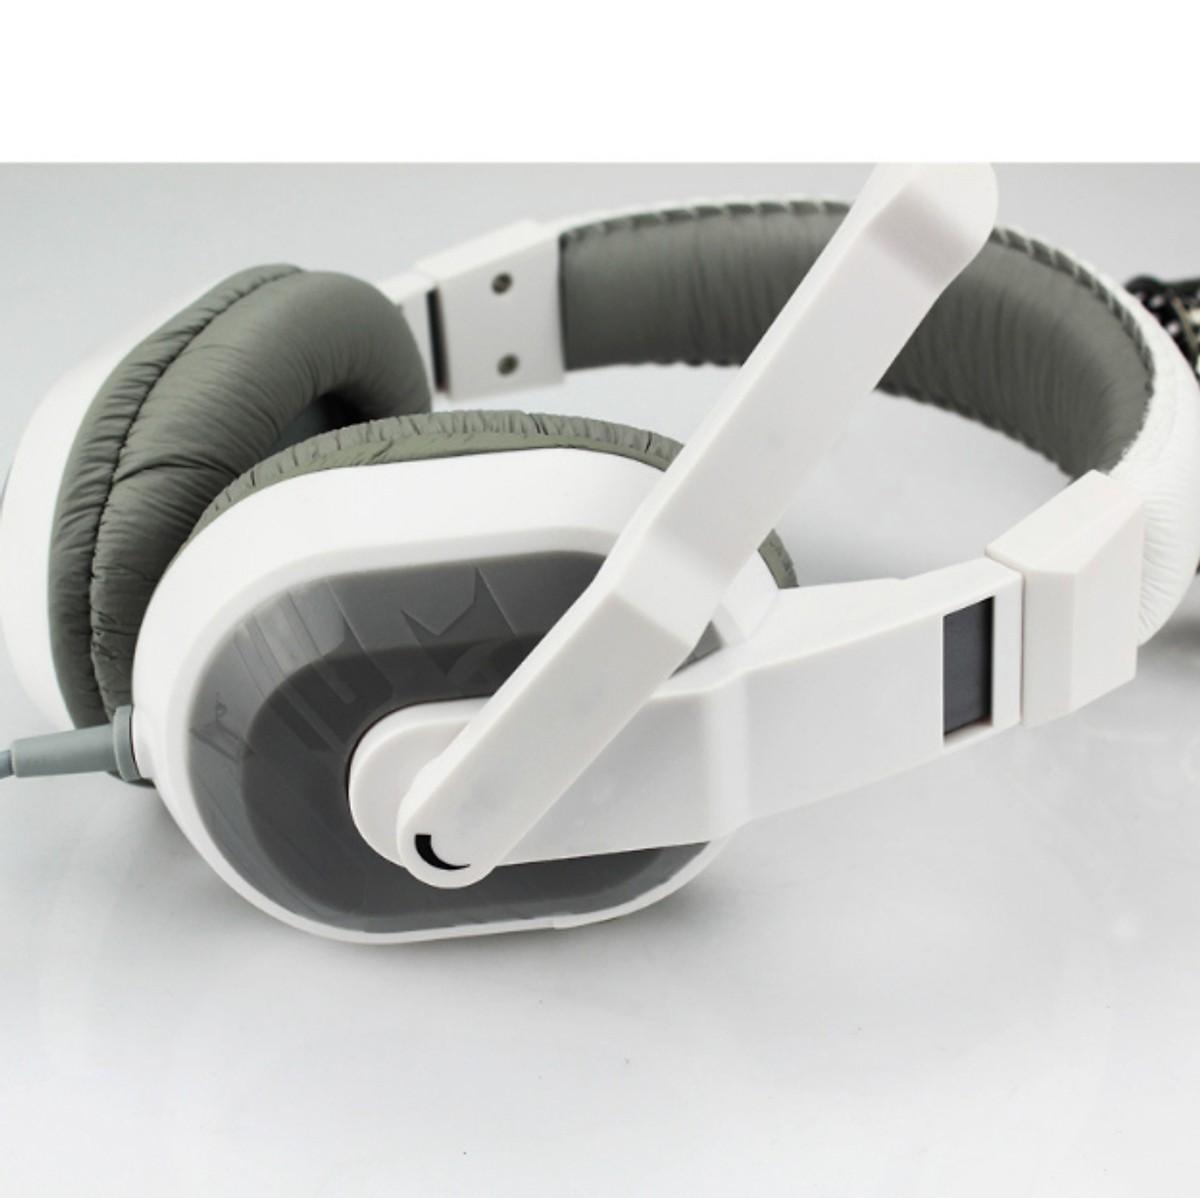 Tai nghe chụp tai kèm mic đàm thoại CT-770 dành cho game thủ chống nhiễu, chống ồn tốt + Tặng hộp quẹt bật lửa ngọn móng rồng cao cấp (màu ngẫu nhiên)